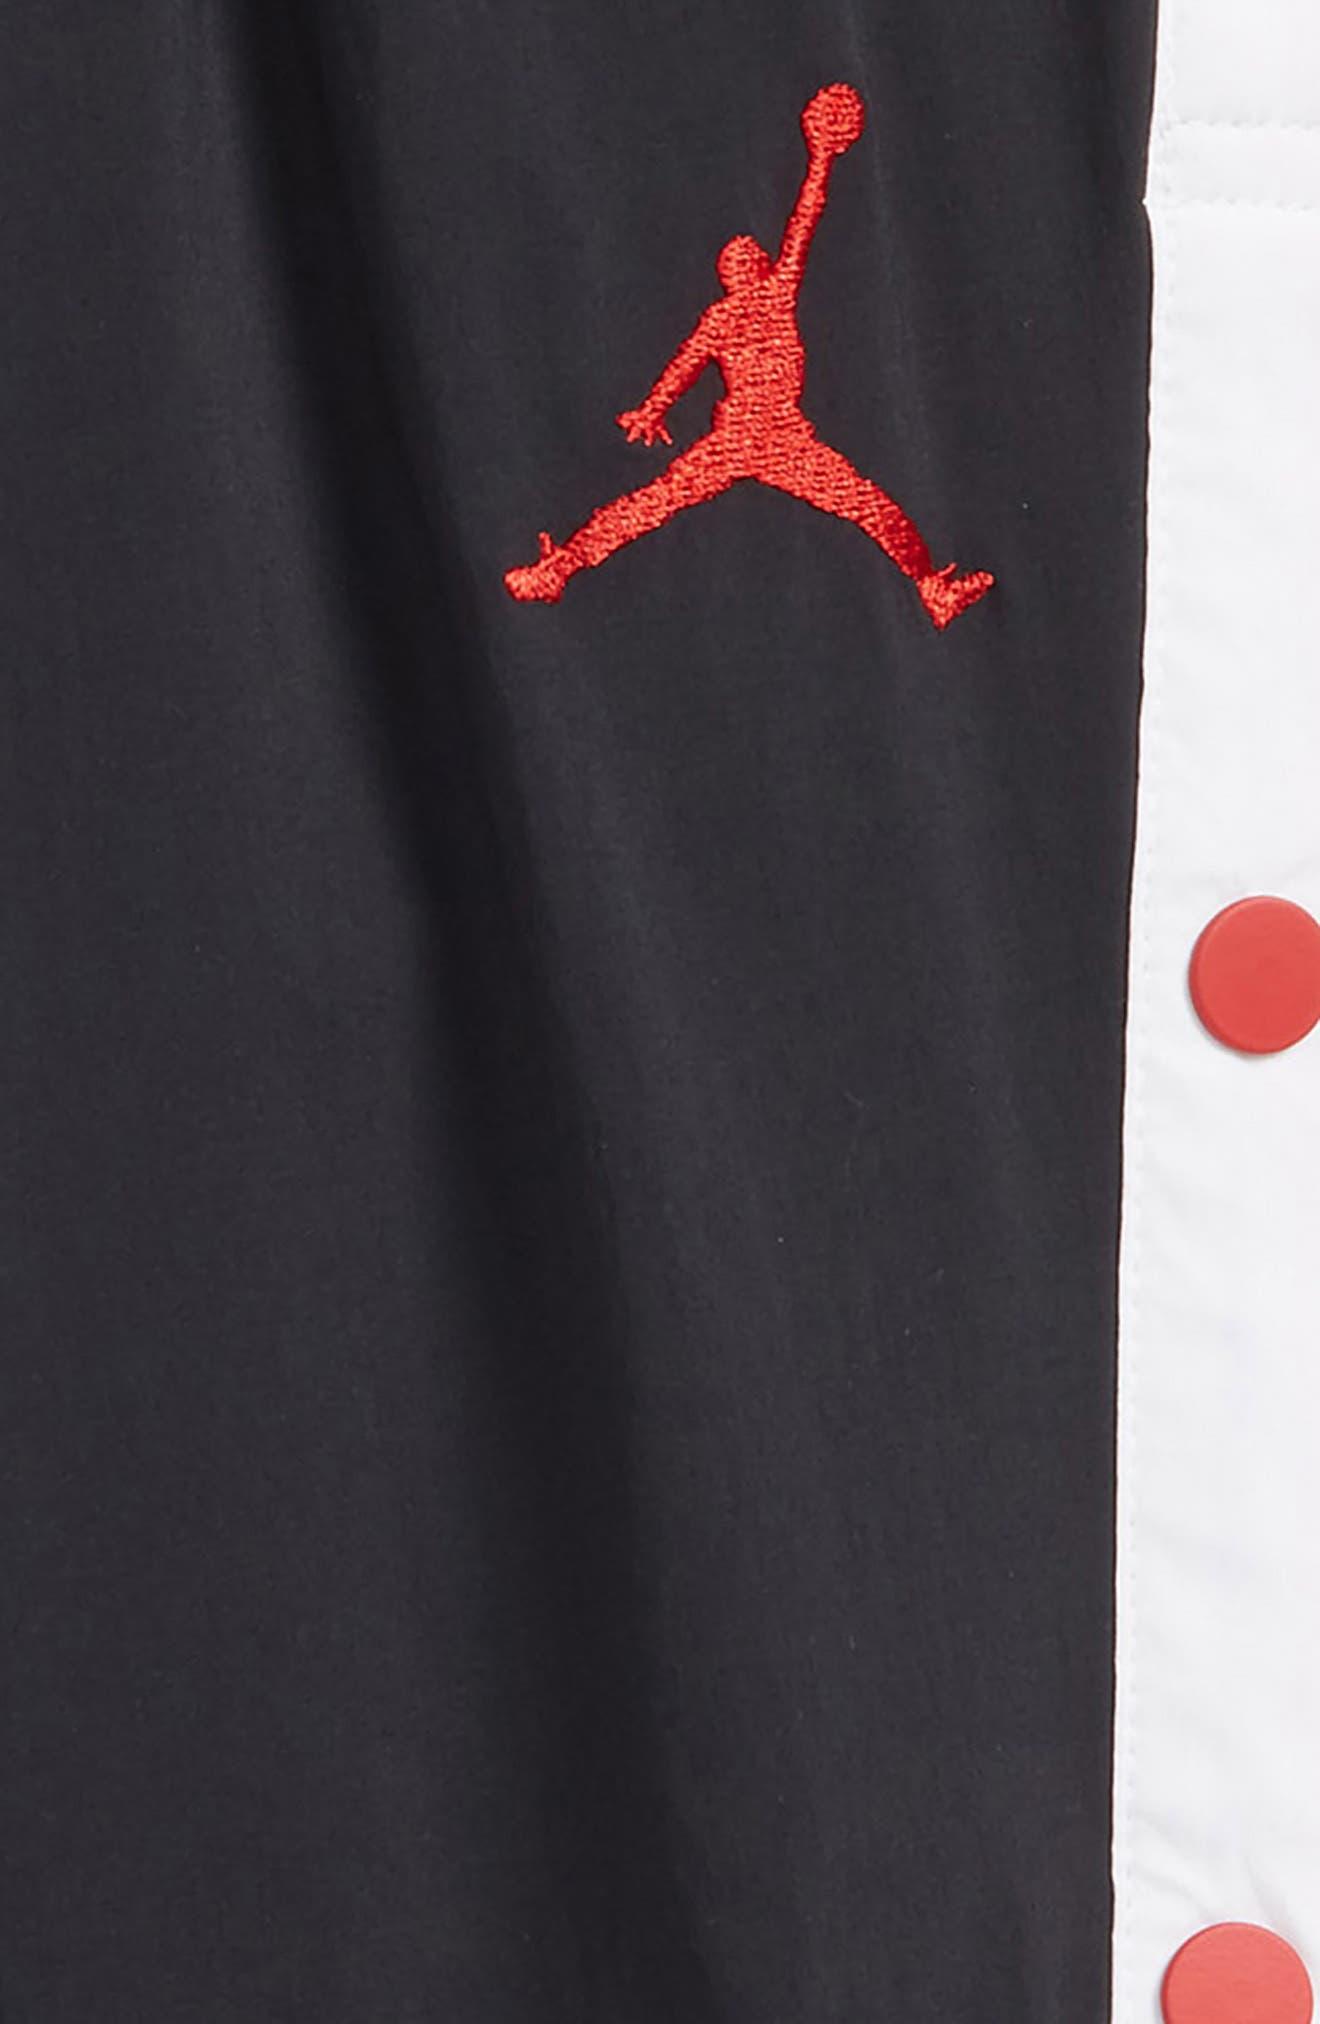 Jordan AJ '90s Snapaway Sweatpants,                             Alternate thumbnail 2, color,                             Black